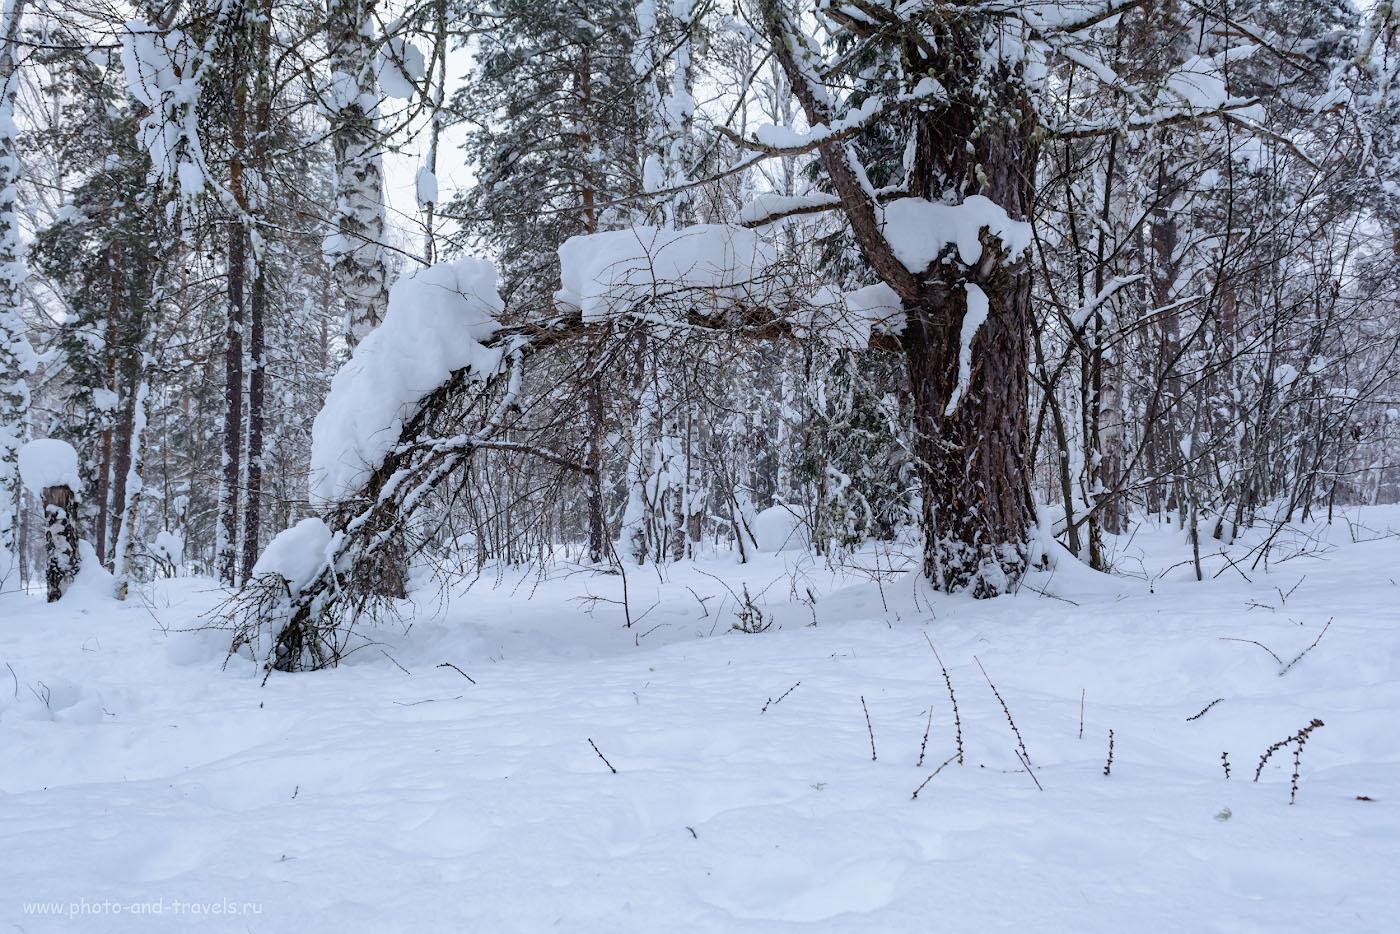 Фотография 30. Снежные медведи в вечерней уральской тайге. Можно ли использовать Nikon D5200 в связке с репортажным светосильным зумом Nikon 17-55mm f/2.8G для фотоохоты? 1/100, 8.0, 800, 17.